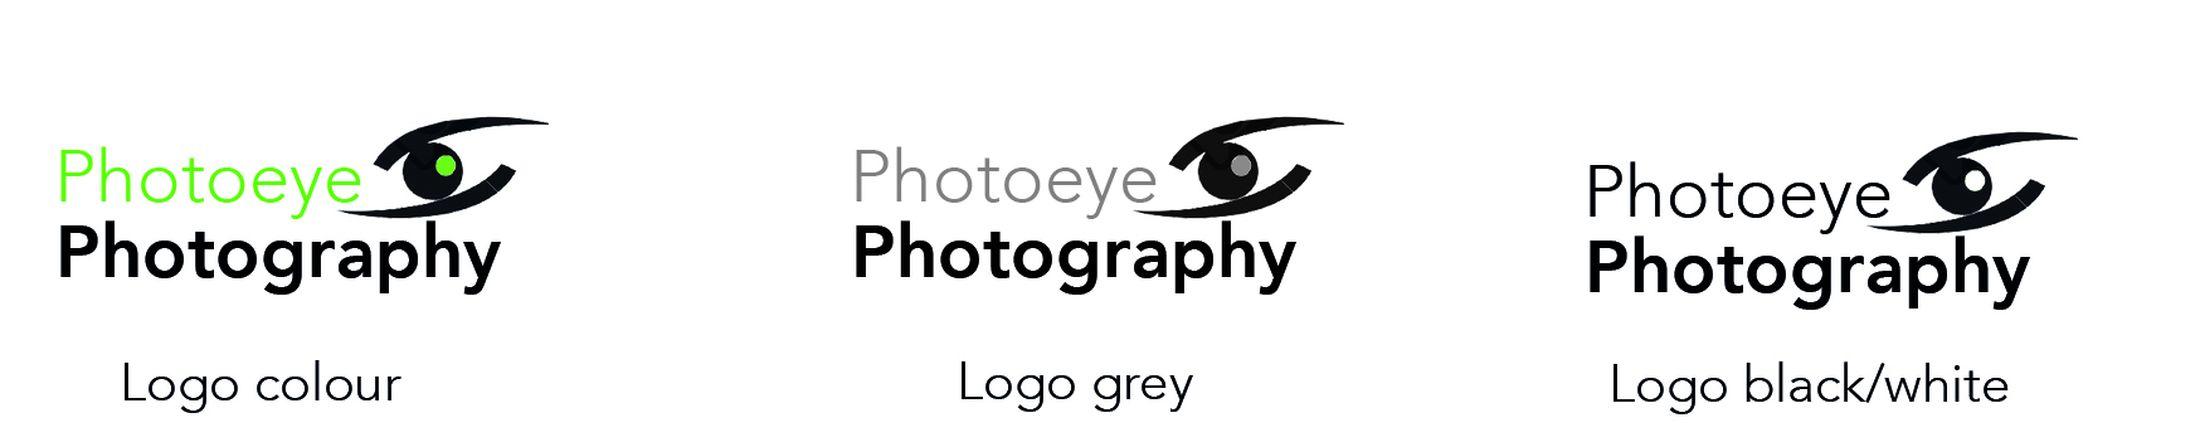 Arial Art Black Blackandwhite Camera Corporate Design Example Green Germany Illustration Logo Modern Photoeye Text TYPOGRAFIE Wasserzeichen White Photoshop Creativity - Ein mögliches Design (Logo) für meine Eyeem Seite welches ich mit euch teile. Wünsche euch eine kreative Woche ✌️ - By Photoeye_DE